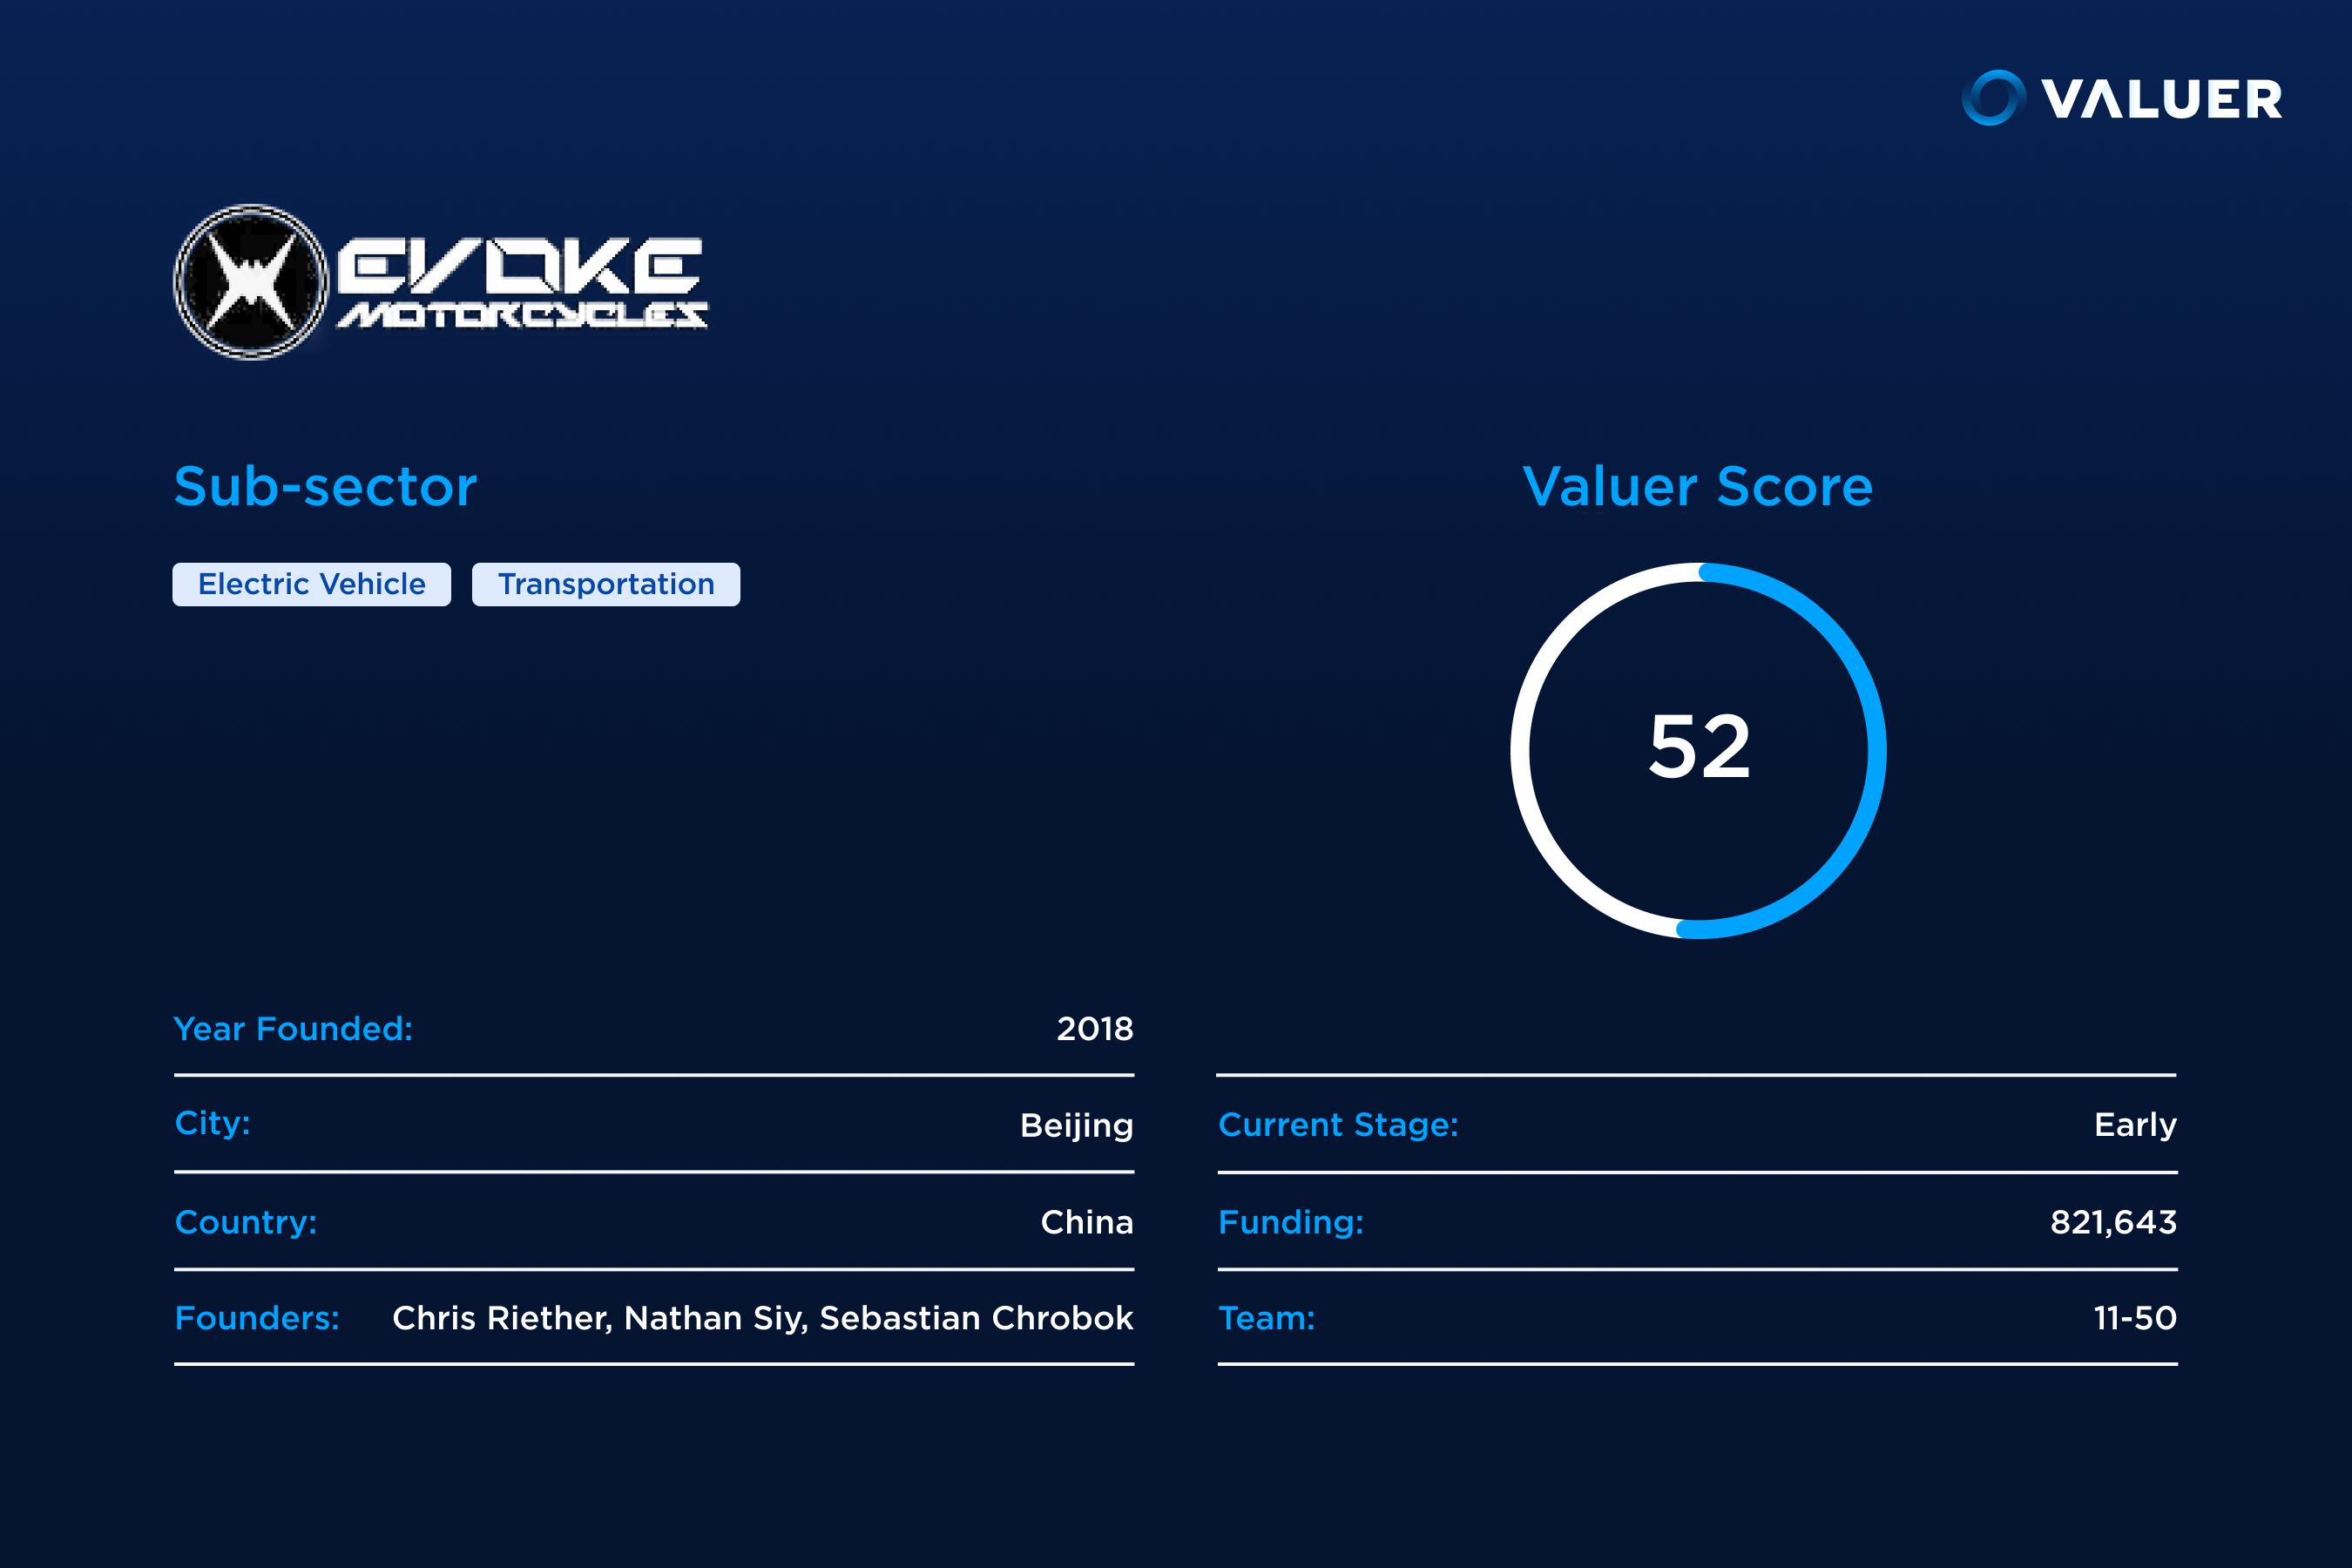 Evoke Motorcycles score